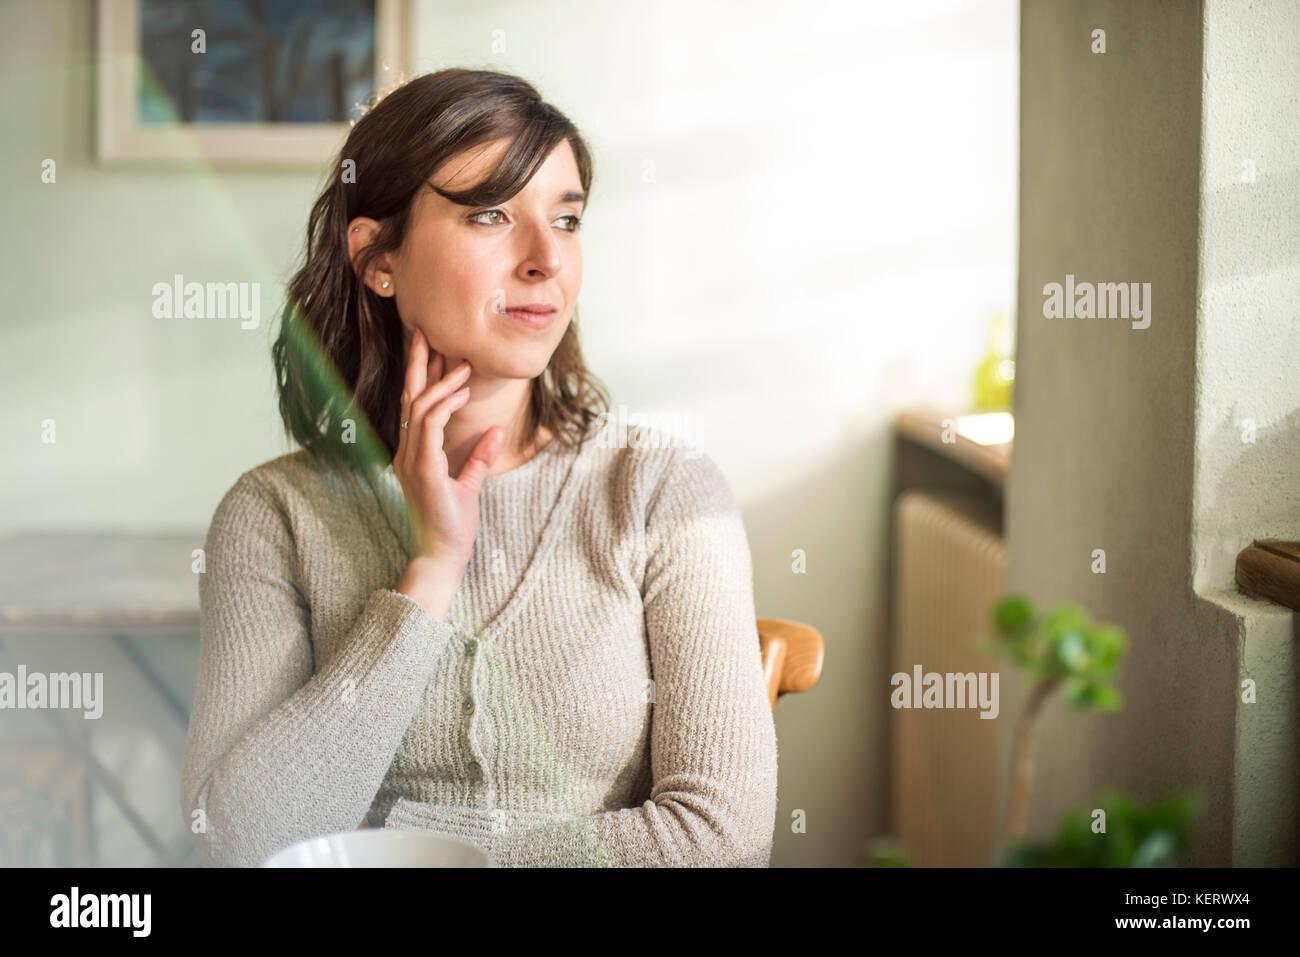 Contemplativo adulto joven mujer mirando por la ventana Imagen De Stock